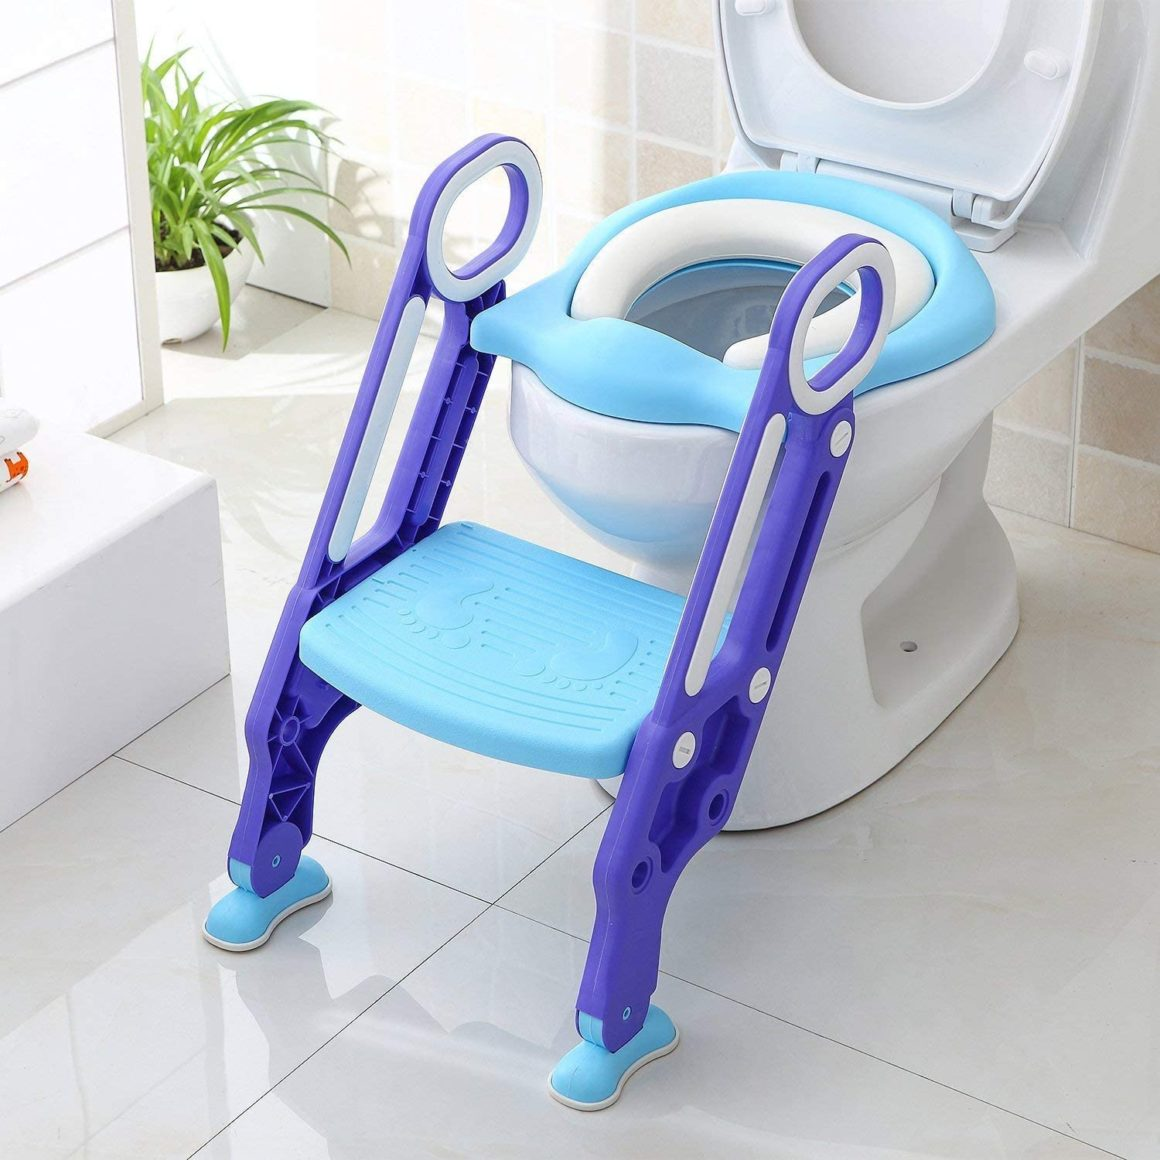 Réducteur de toilette enfant pliable et réglable de Bamny